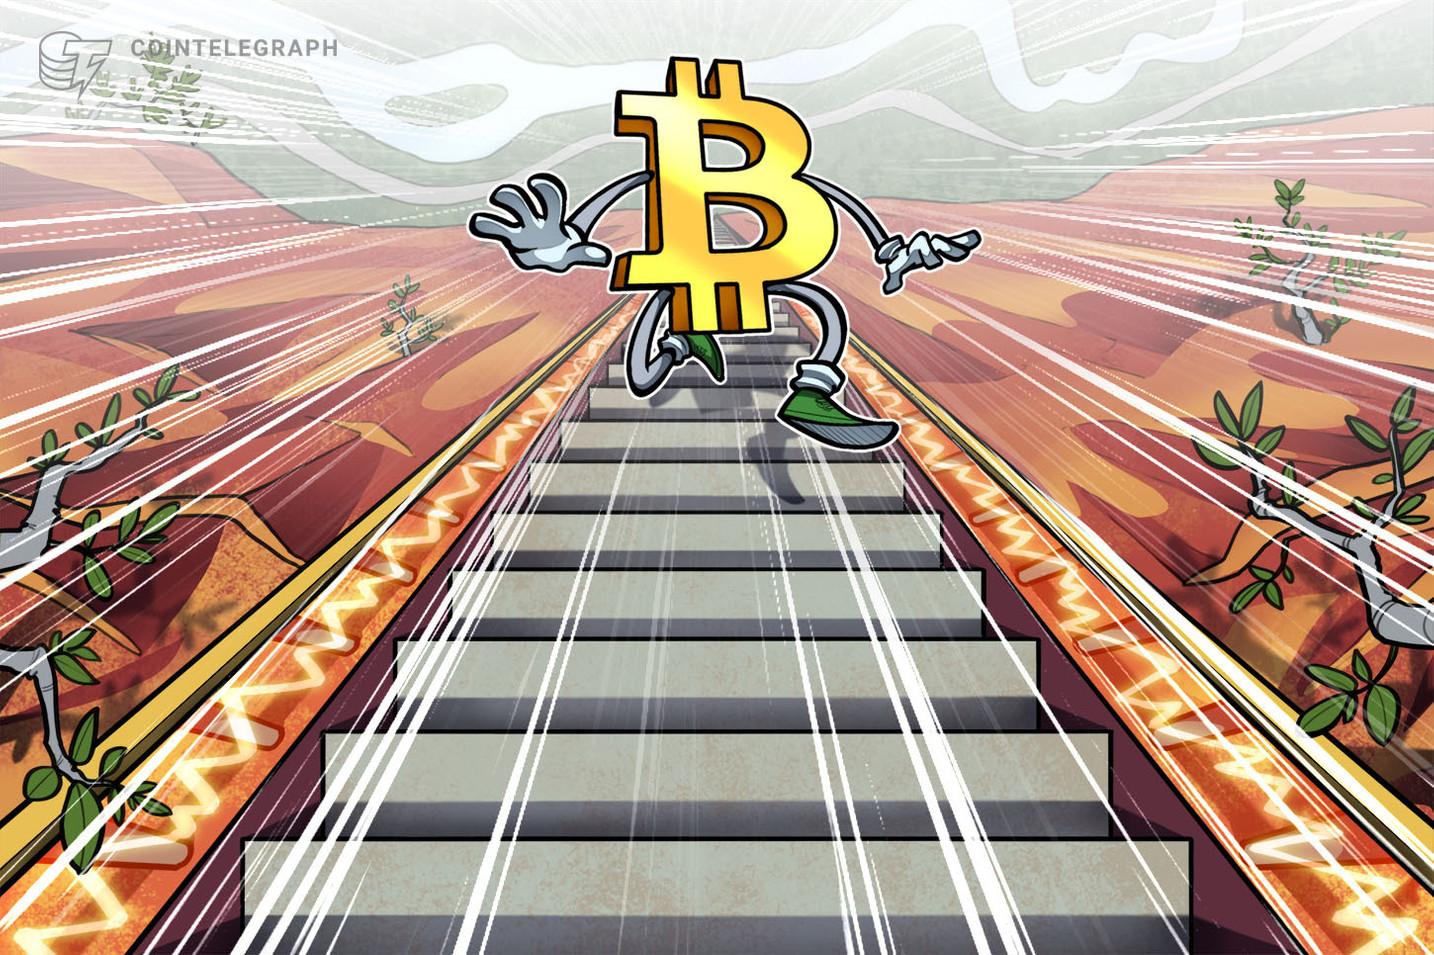 El precio de Bitcoin sigue cayendo: se perdió la marca de 17,000 dólares, lo que representa la mayor caída desde marzo